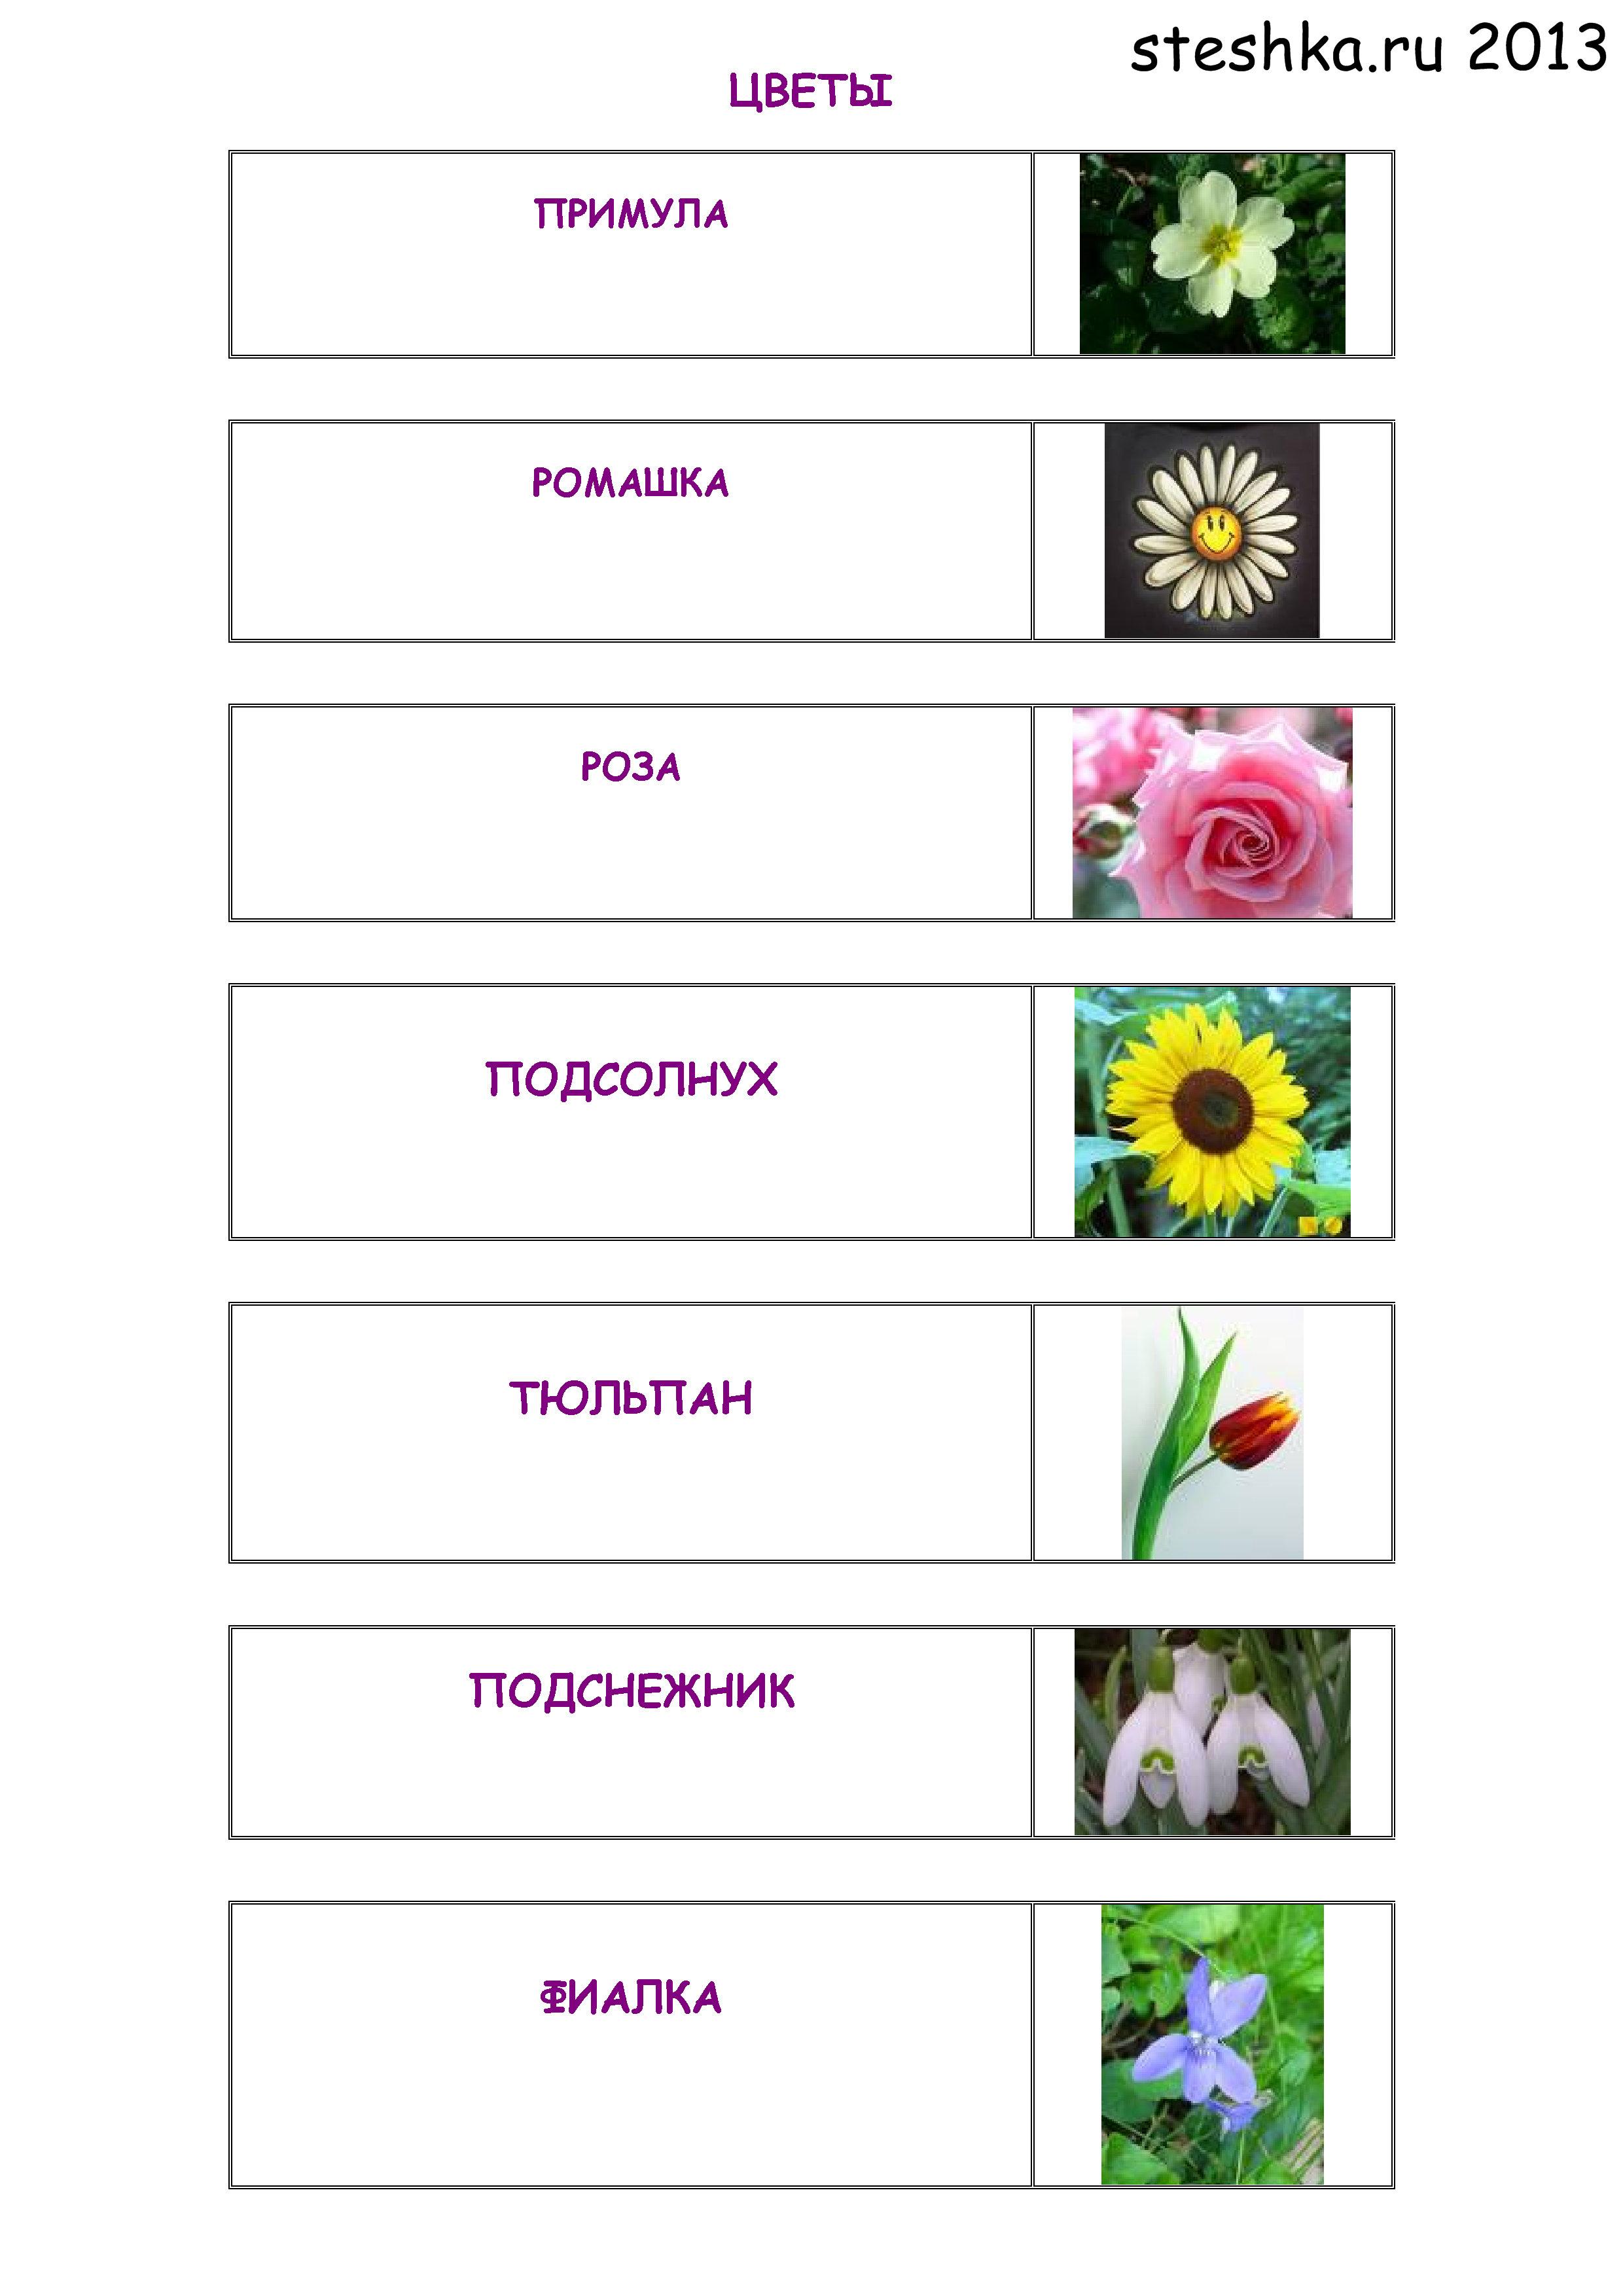 Цветок на букву й и название цветка